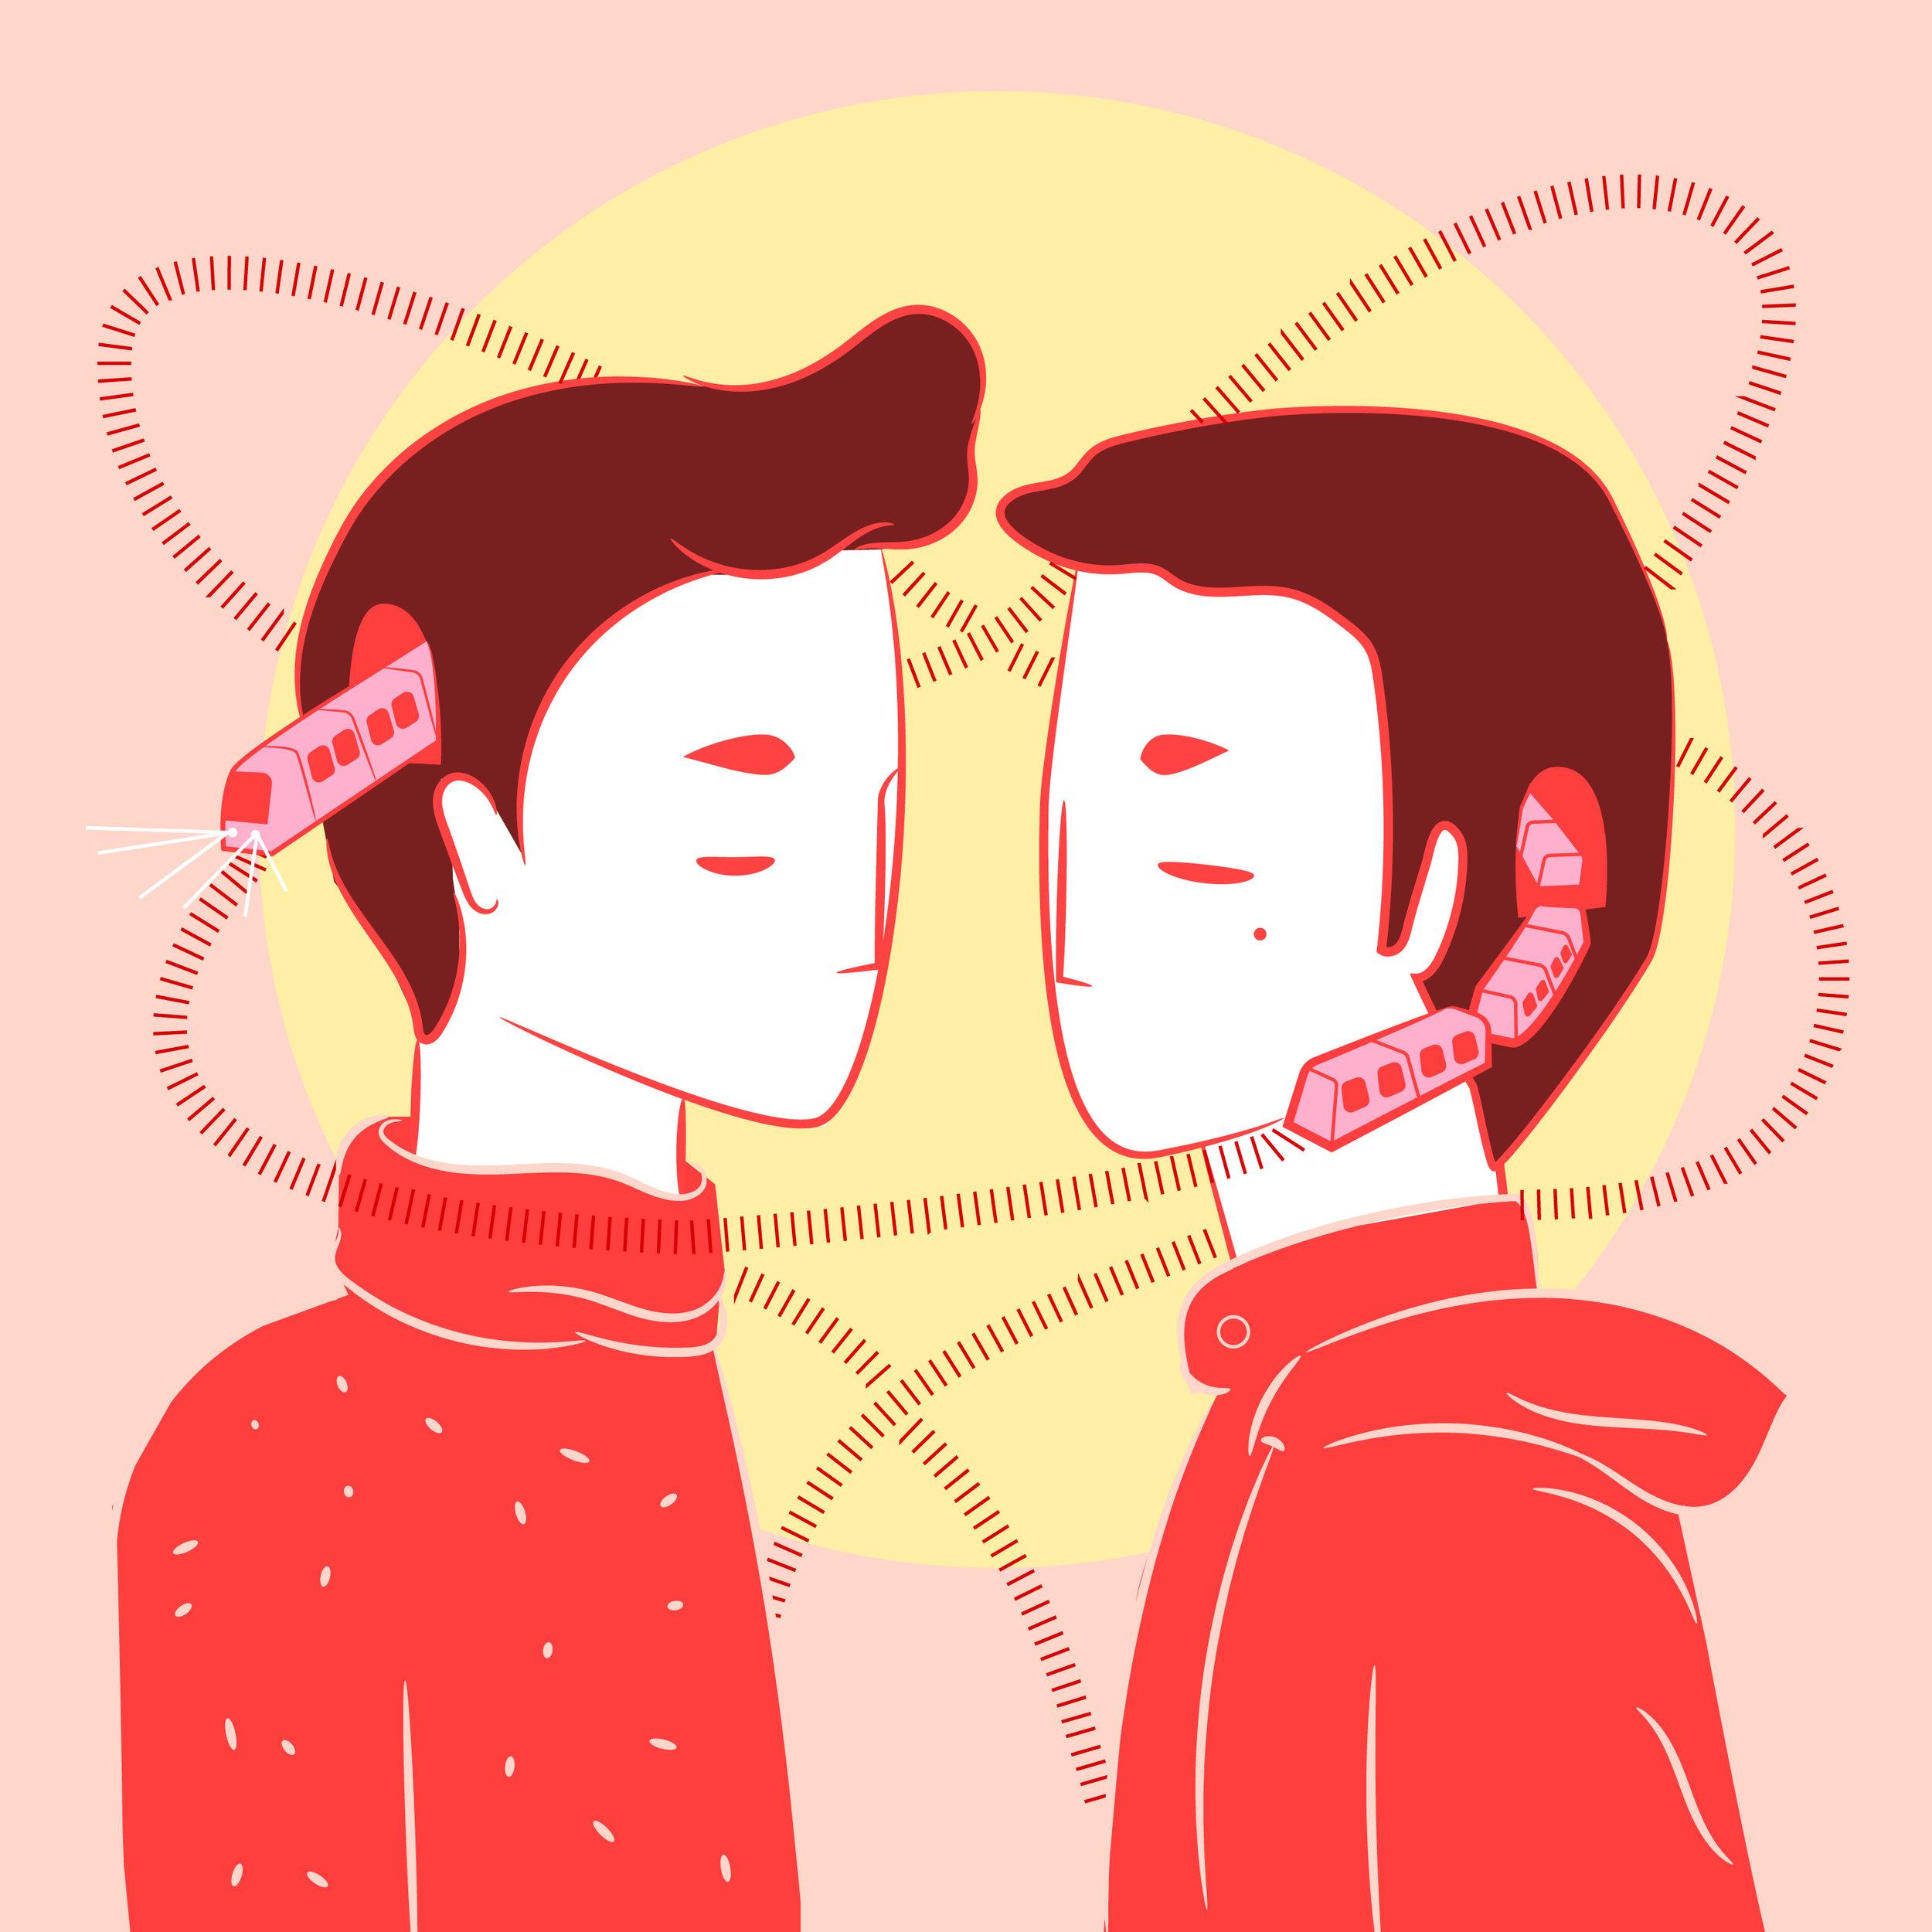 -MINI EPISODIO 1 - - A veces un acto de rutina puede llevarnos a encuentros extraordinarios. ¿Cuánto tiempo es necesario para enamorarse?